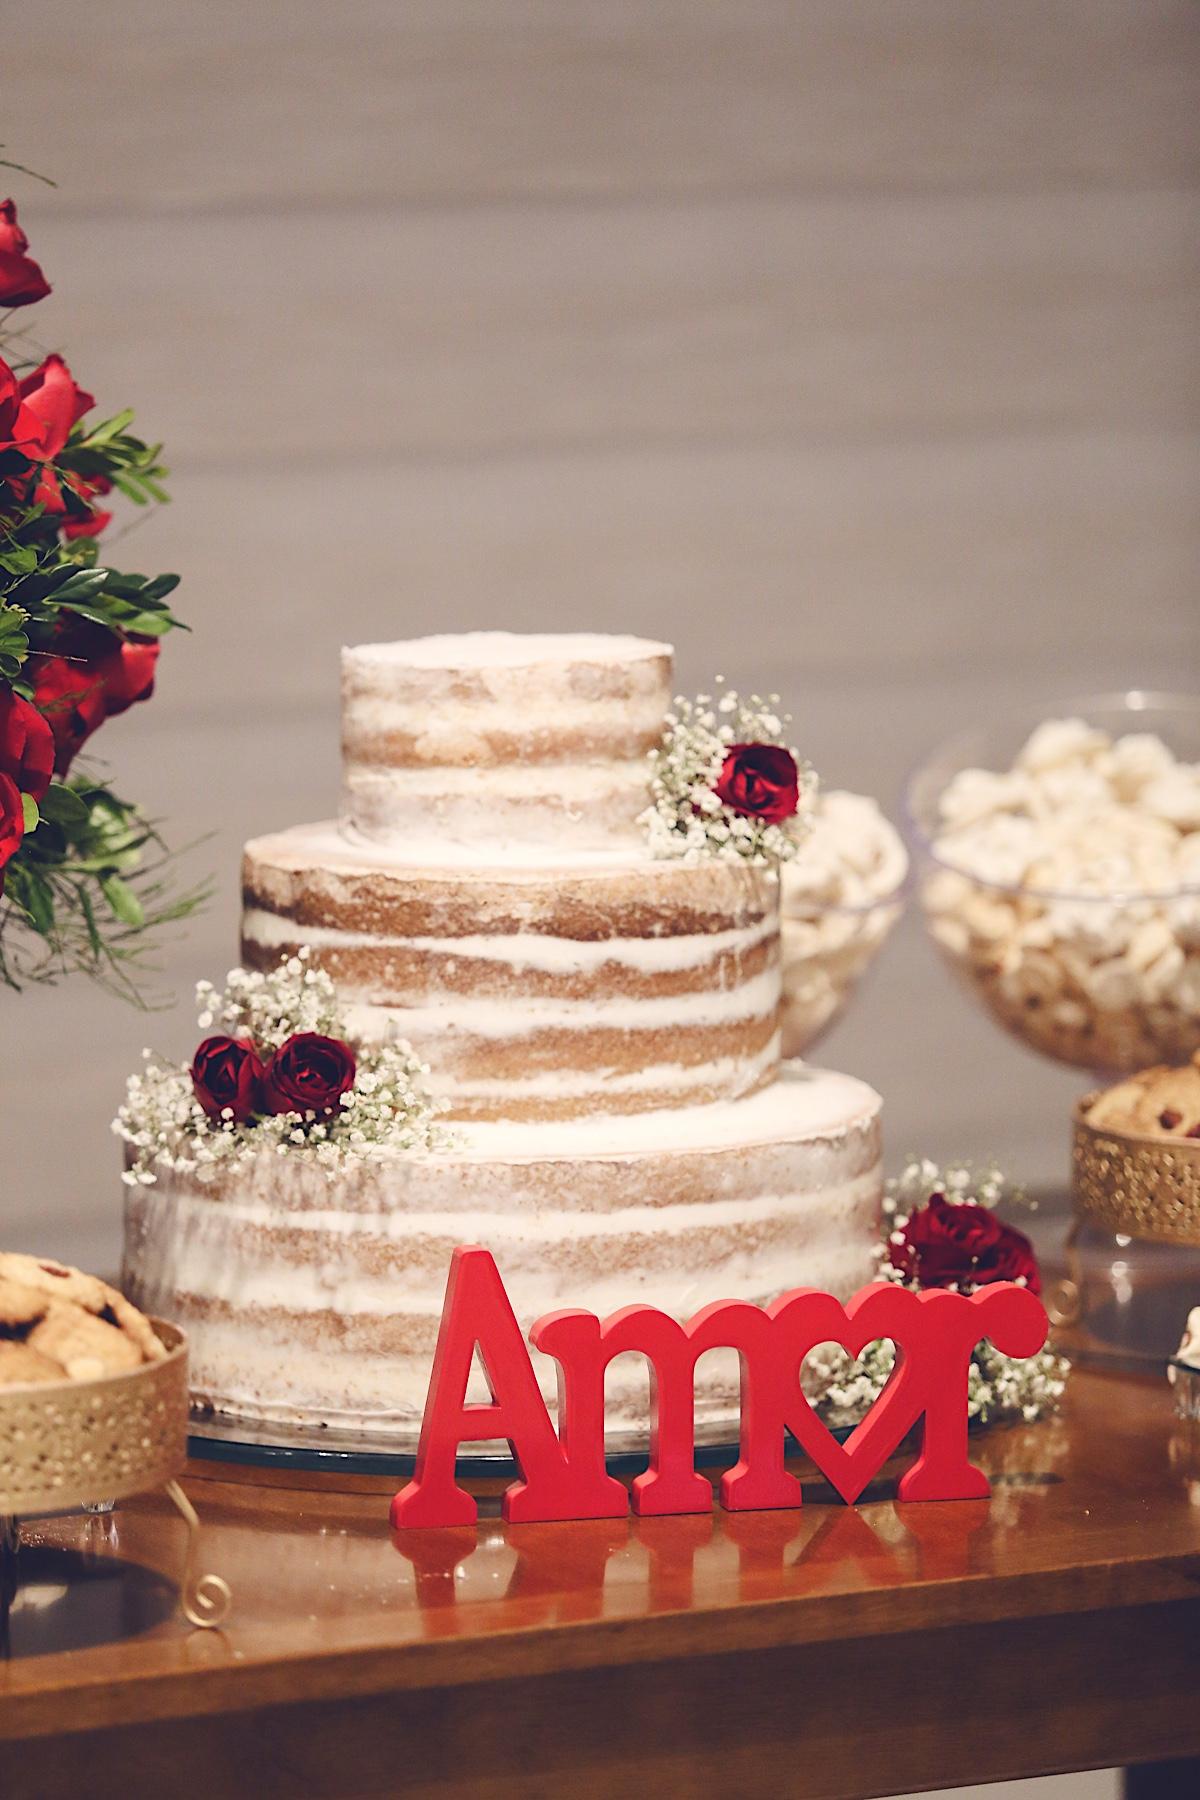 casamento - daiana e tiago - frigideiras - são bento do sul - naked cake - cheff manu rosa - chroma fotografia